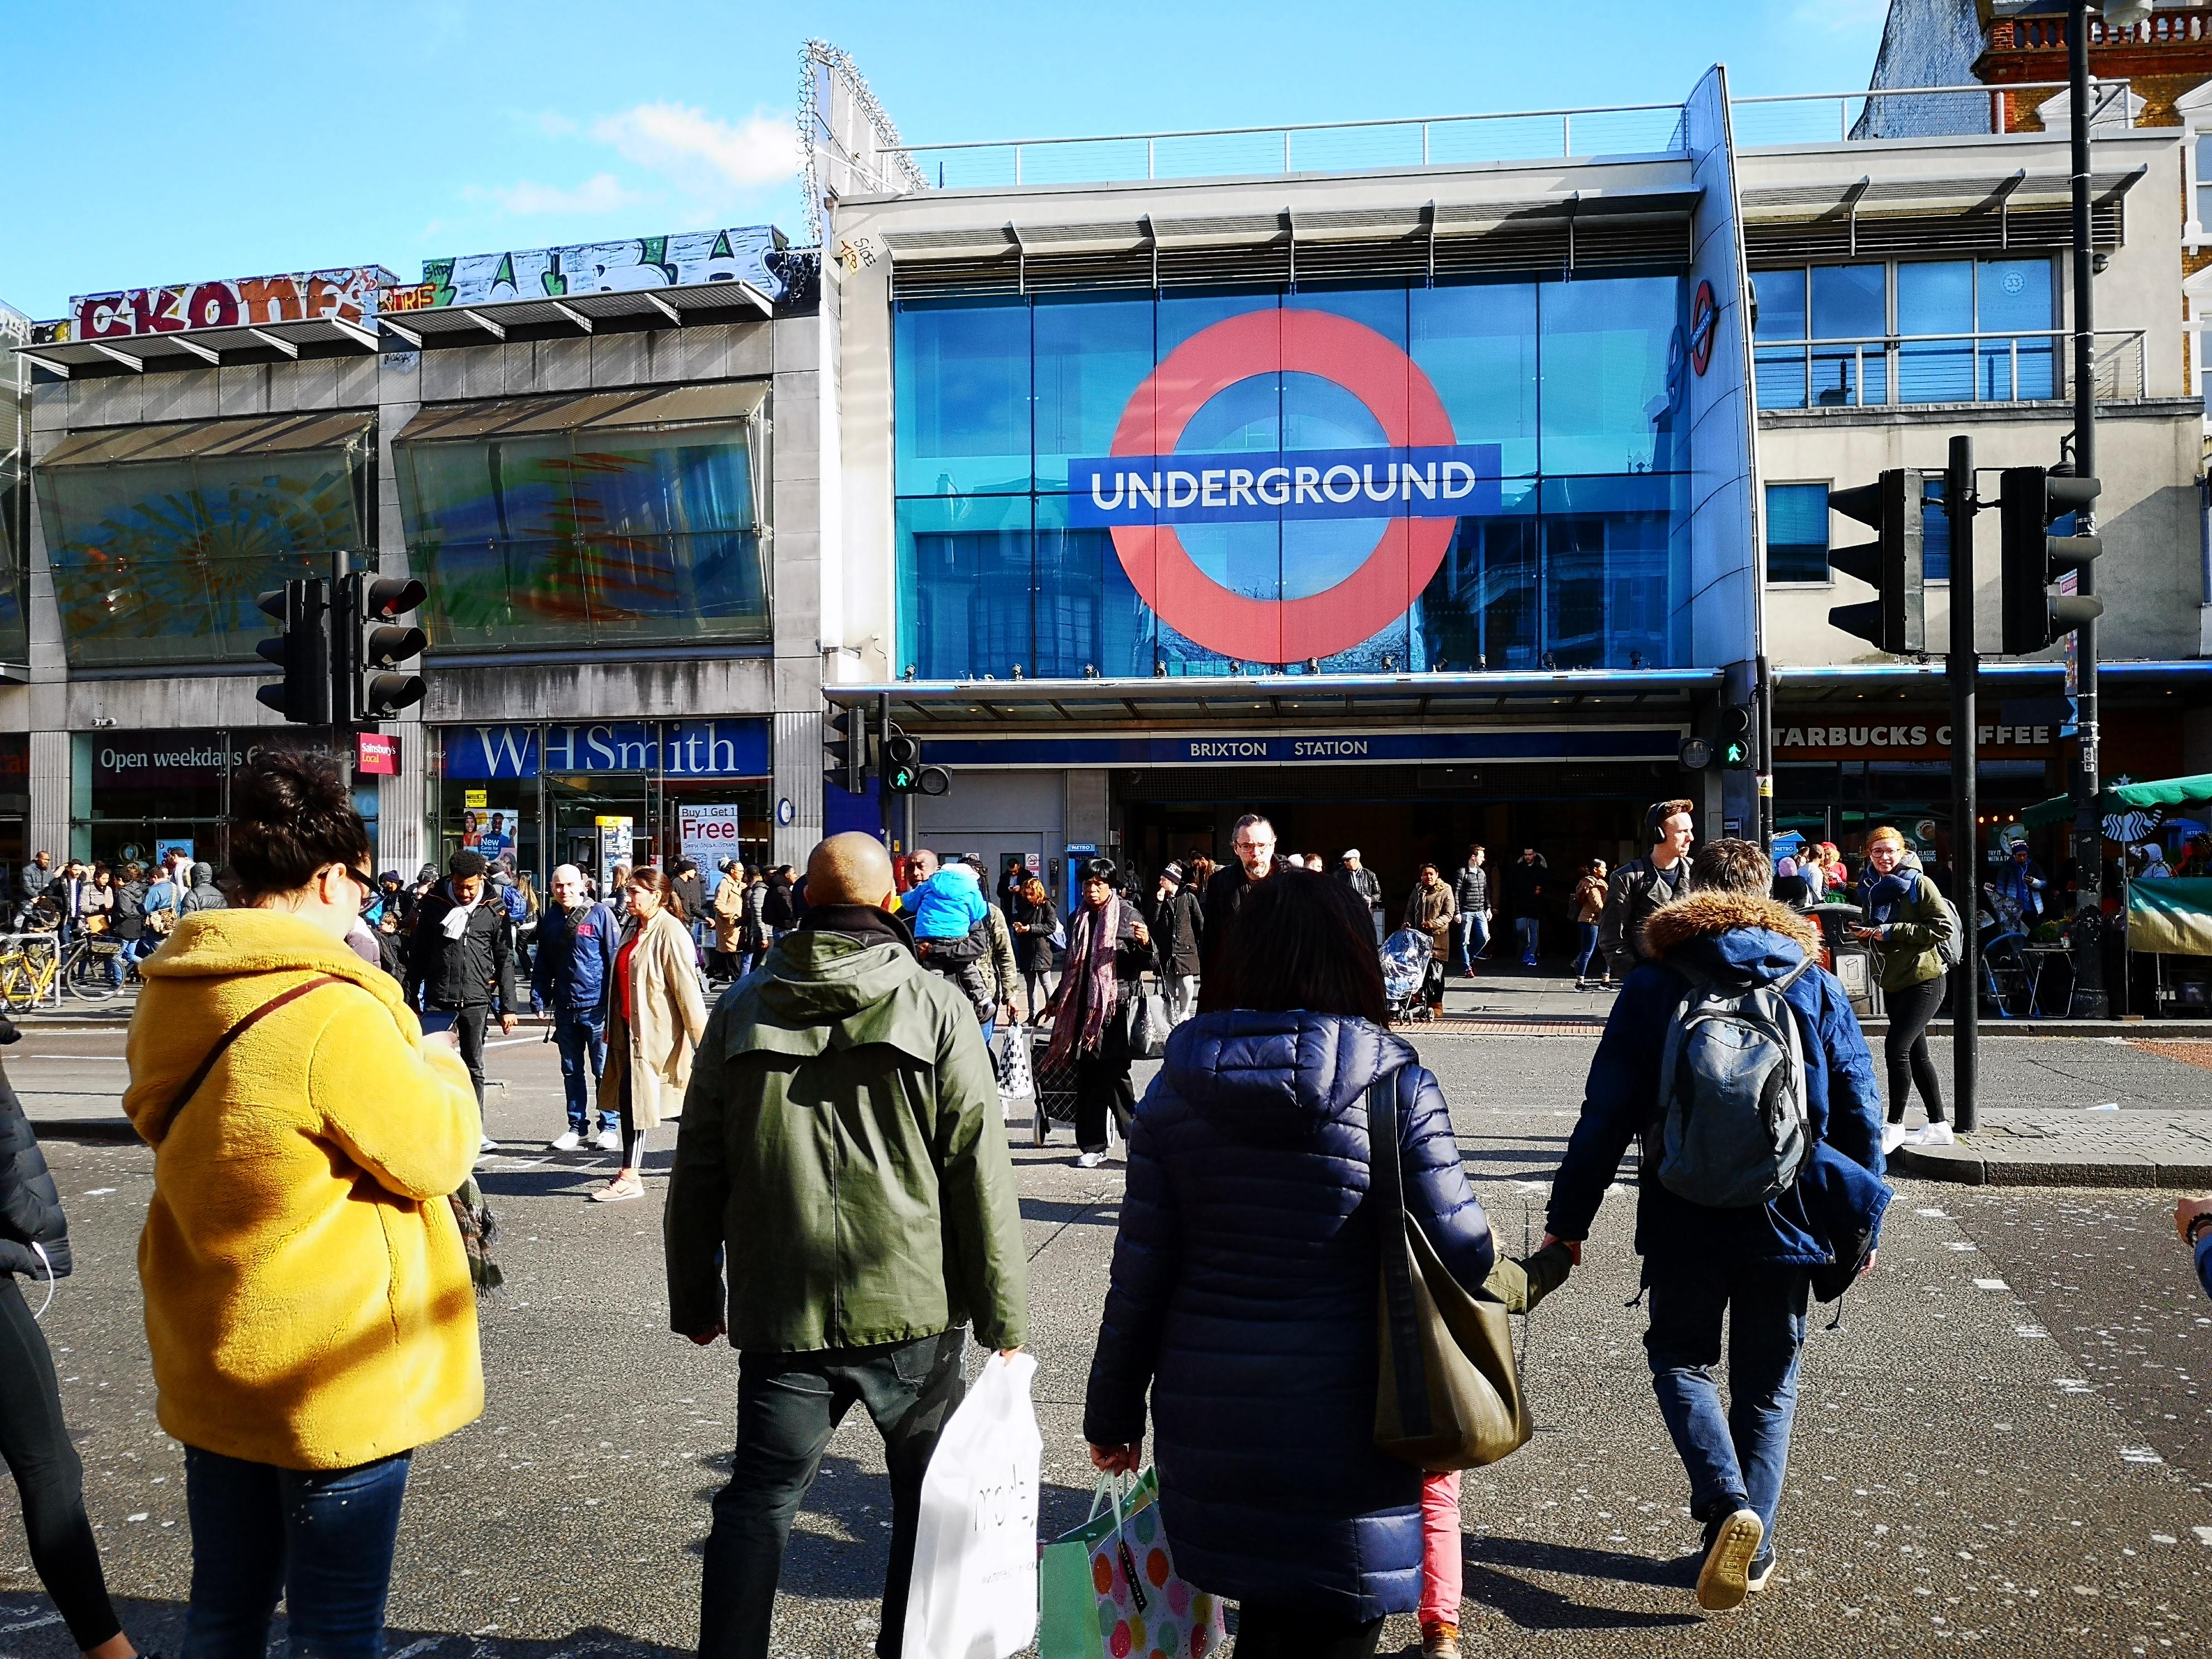 Metro di Londra, stazione di Brixton